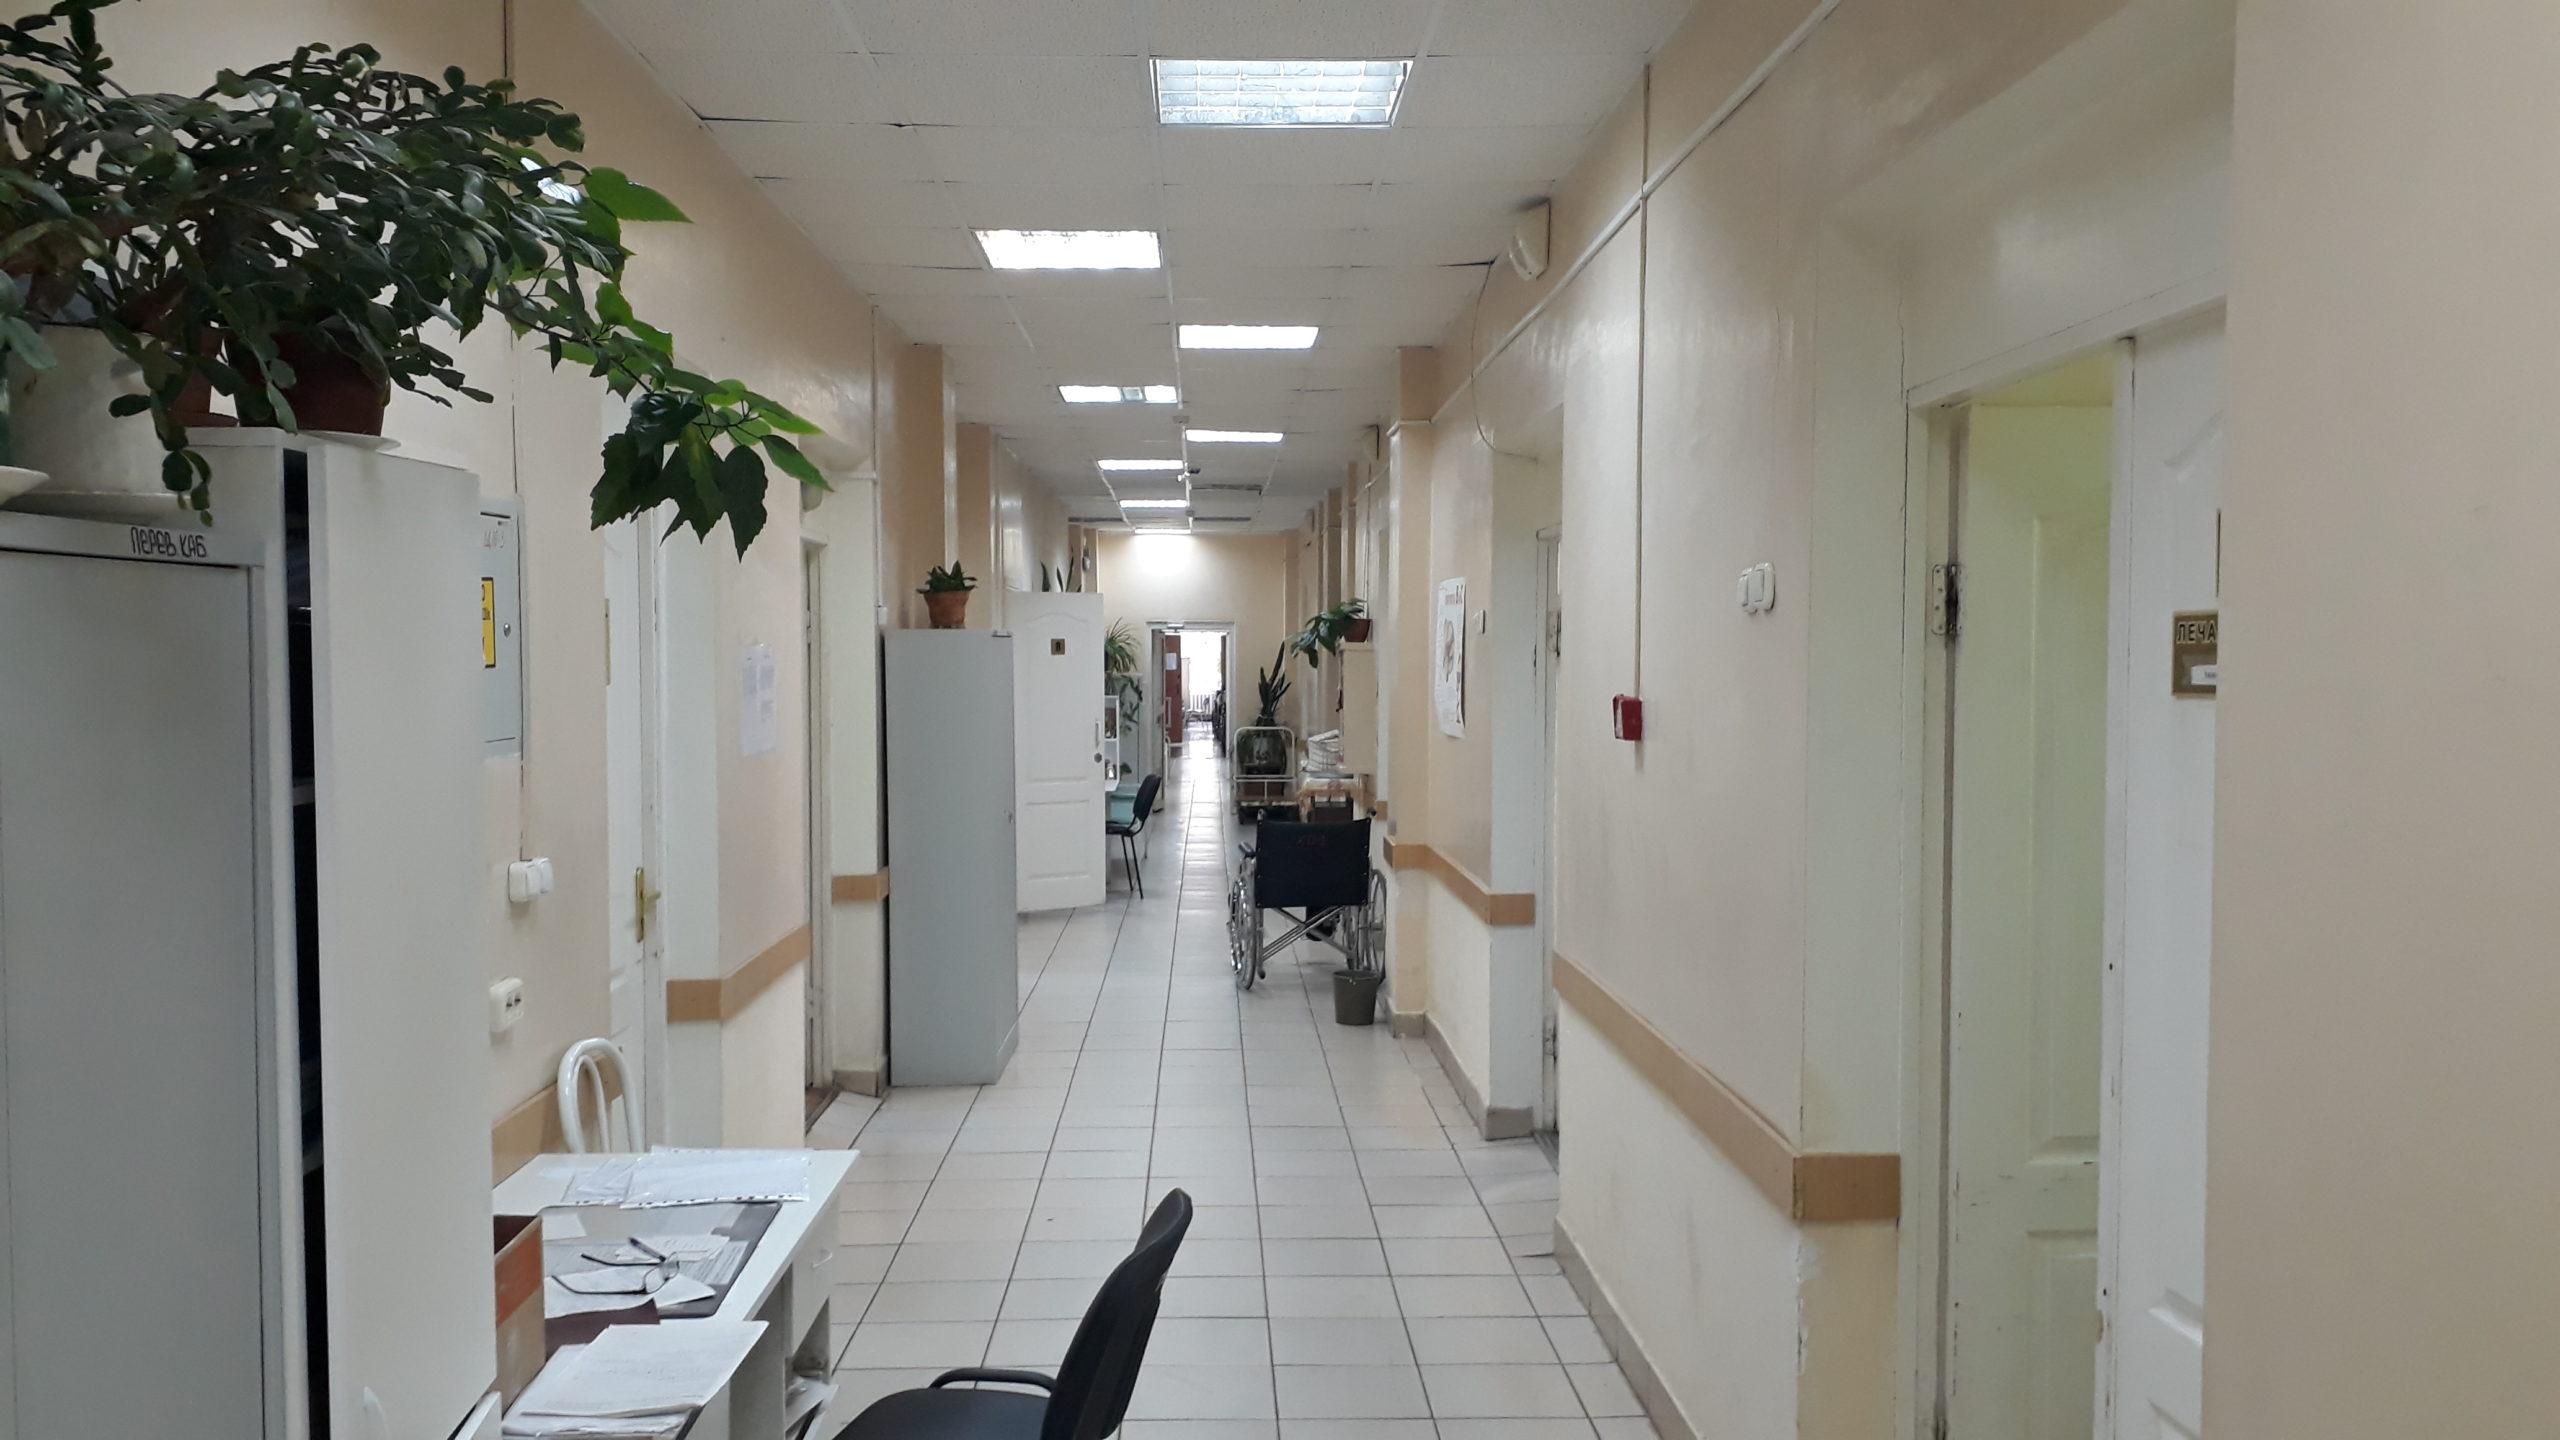 В 2020 году в Тверской области запланировано проектирование ряда объектов здравоохранения, образования и спорта